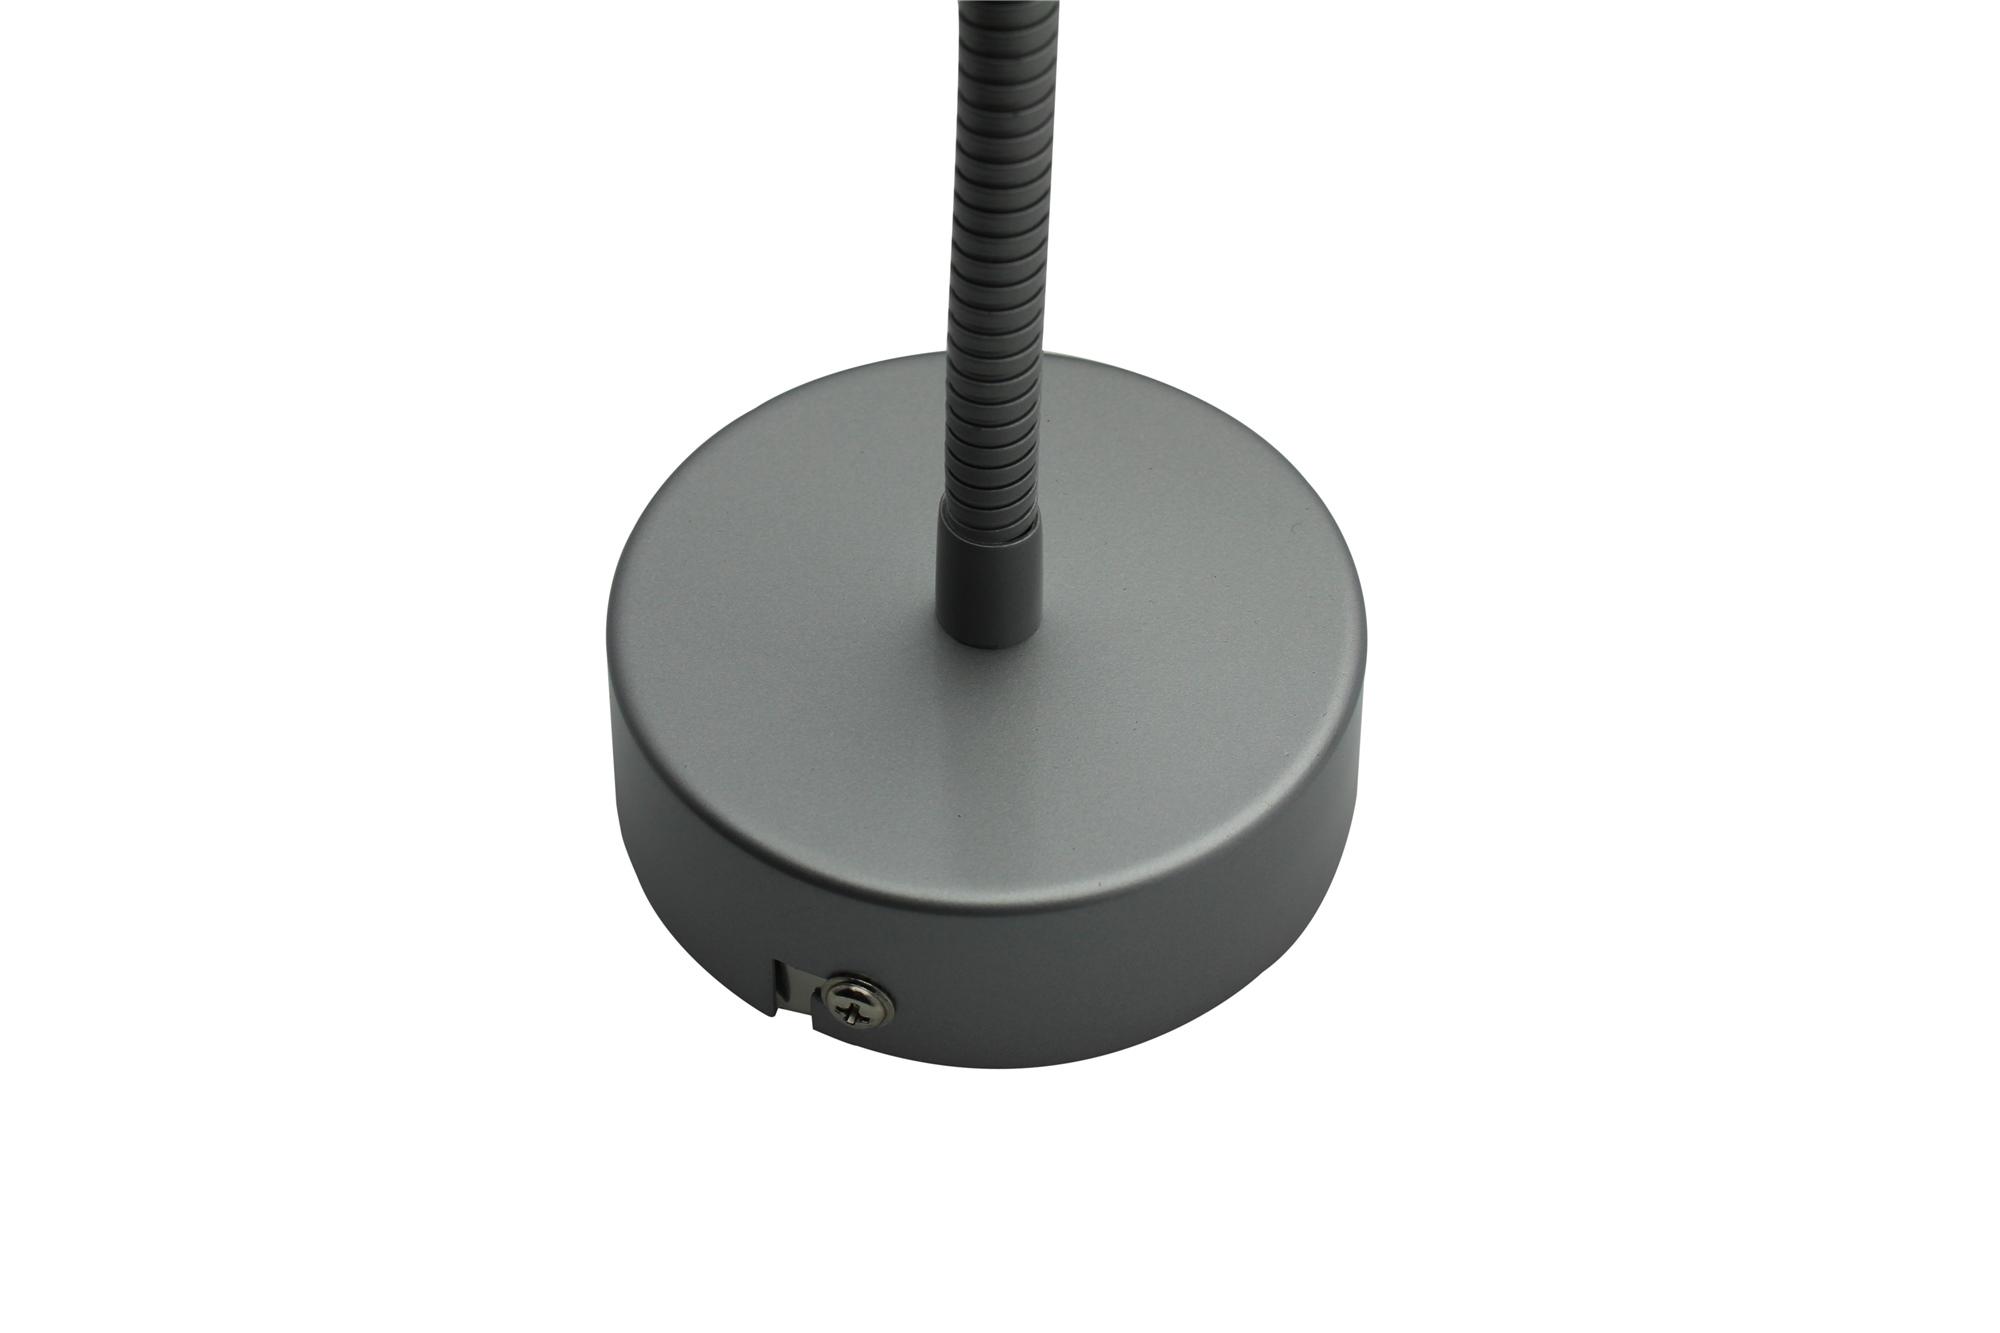 Lampenlux LED Wandlampe Wandleuchte Nadela Leselampe nickel 3W Länge: 41 cm